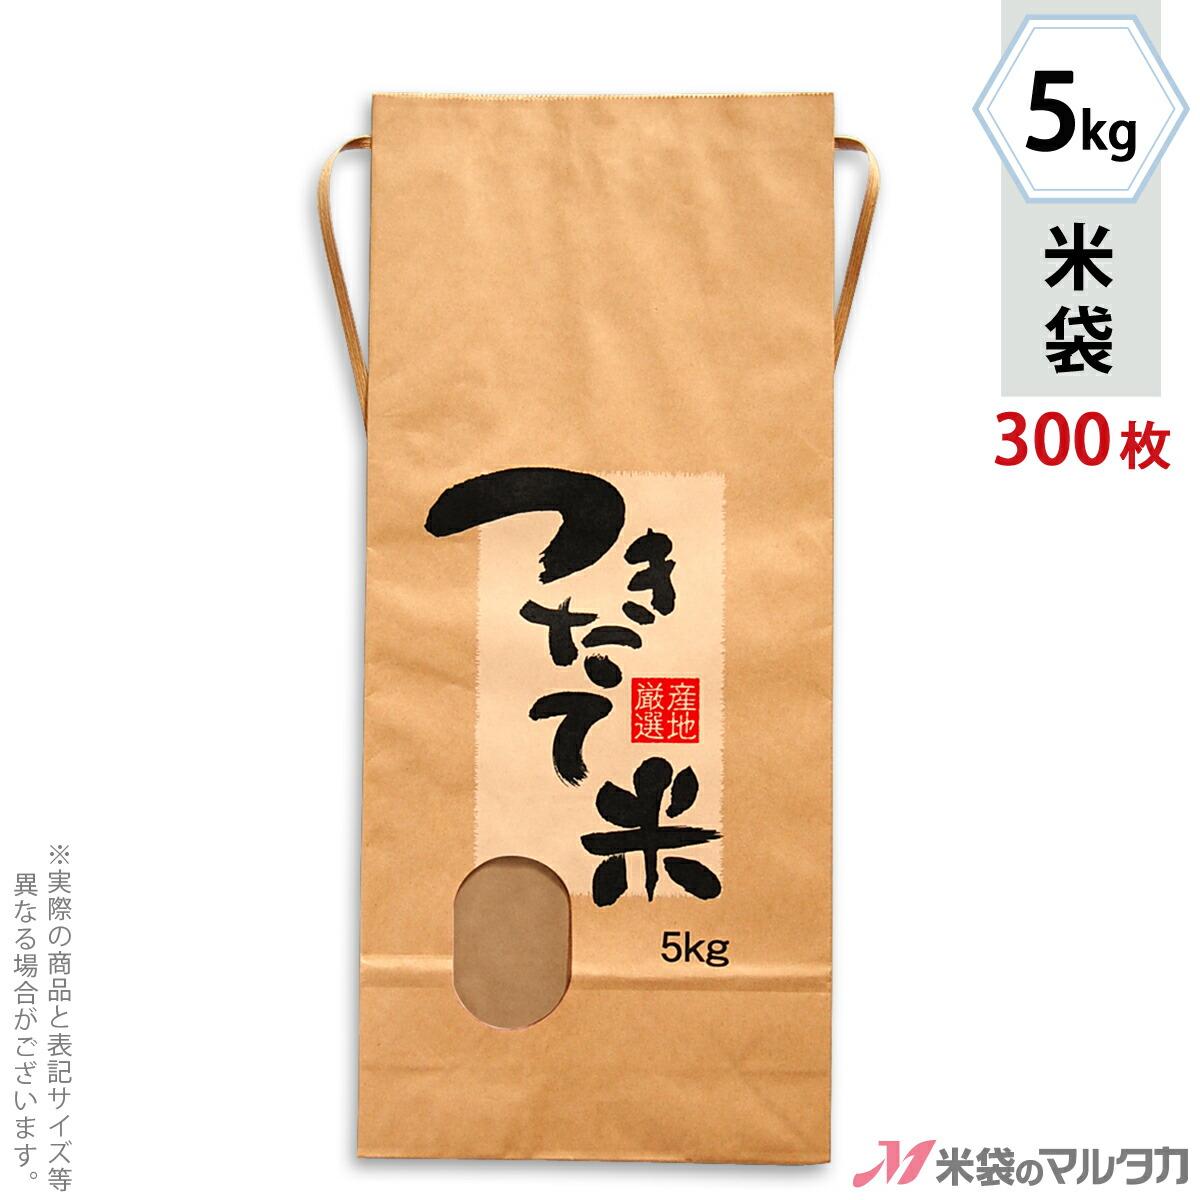 KH-0130 銘柄なし米袋「つきたて米」